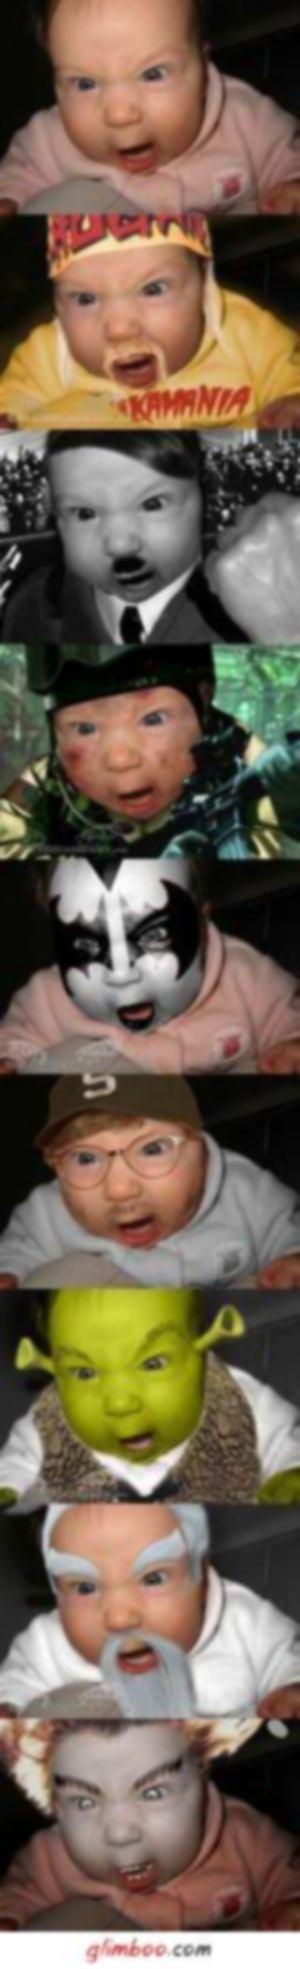 Cuidado ao colocar a Foto do seu filho na Internet- Alterada